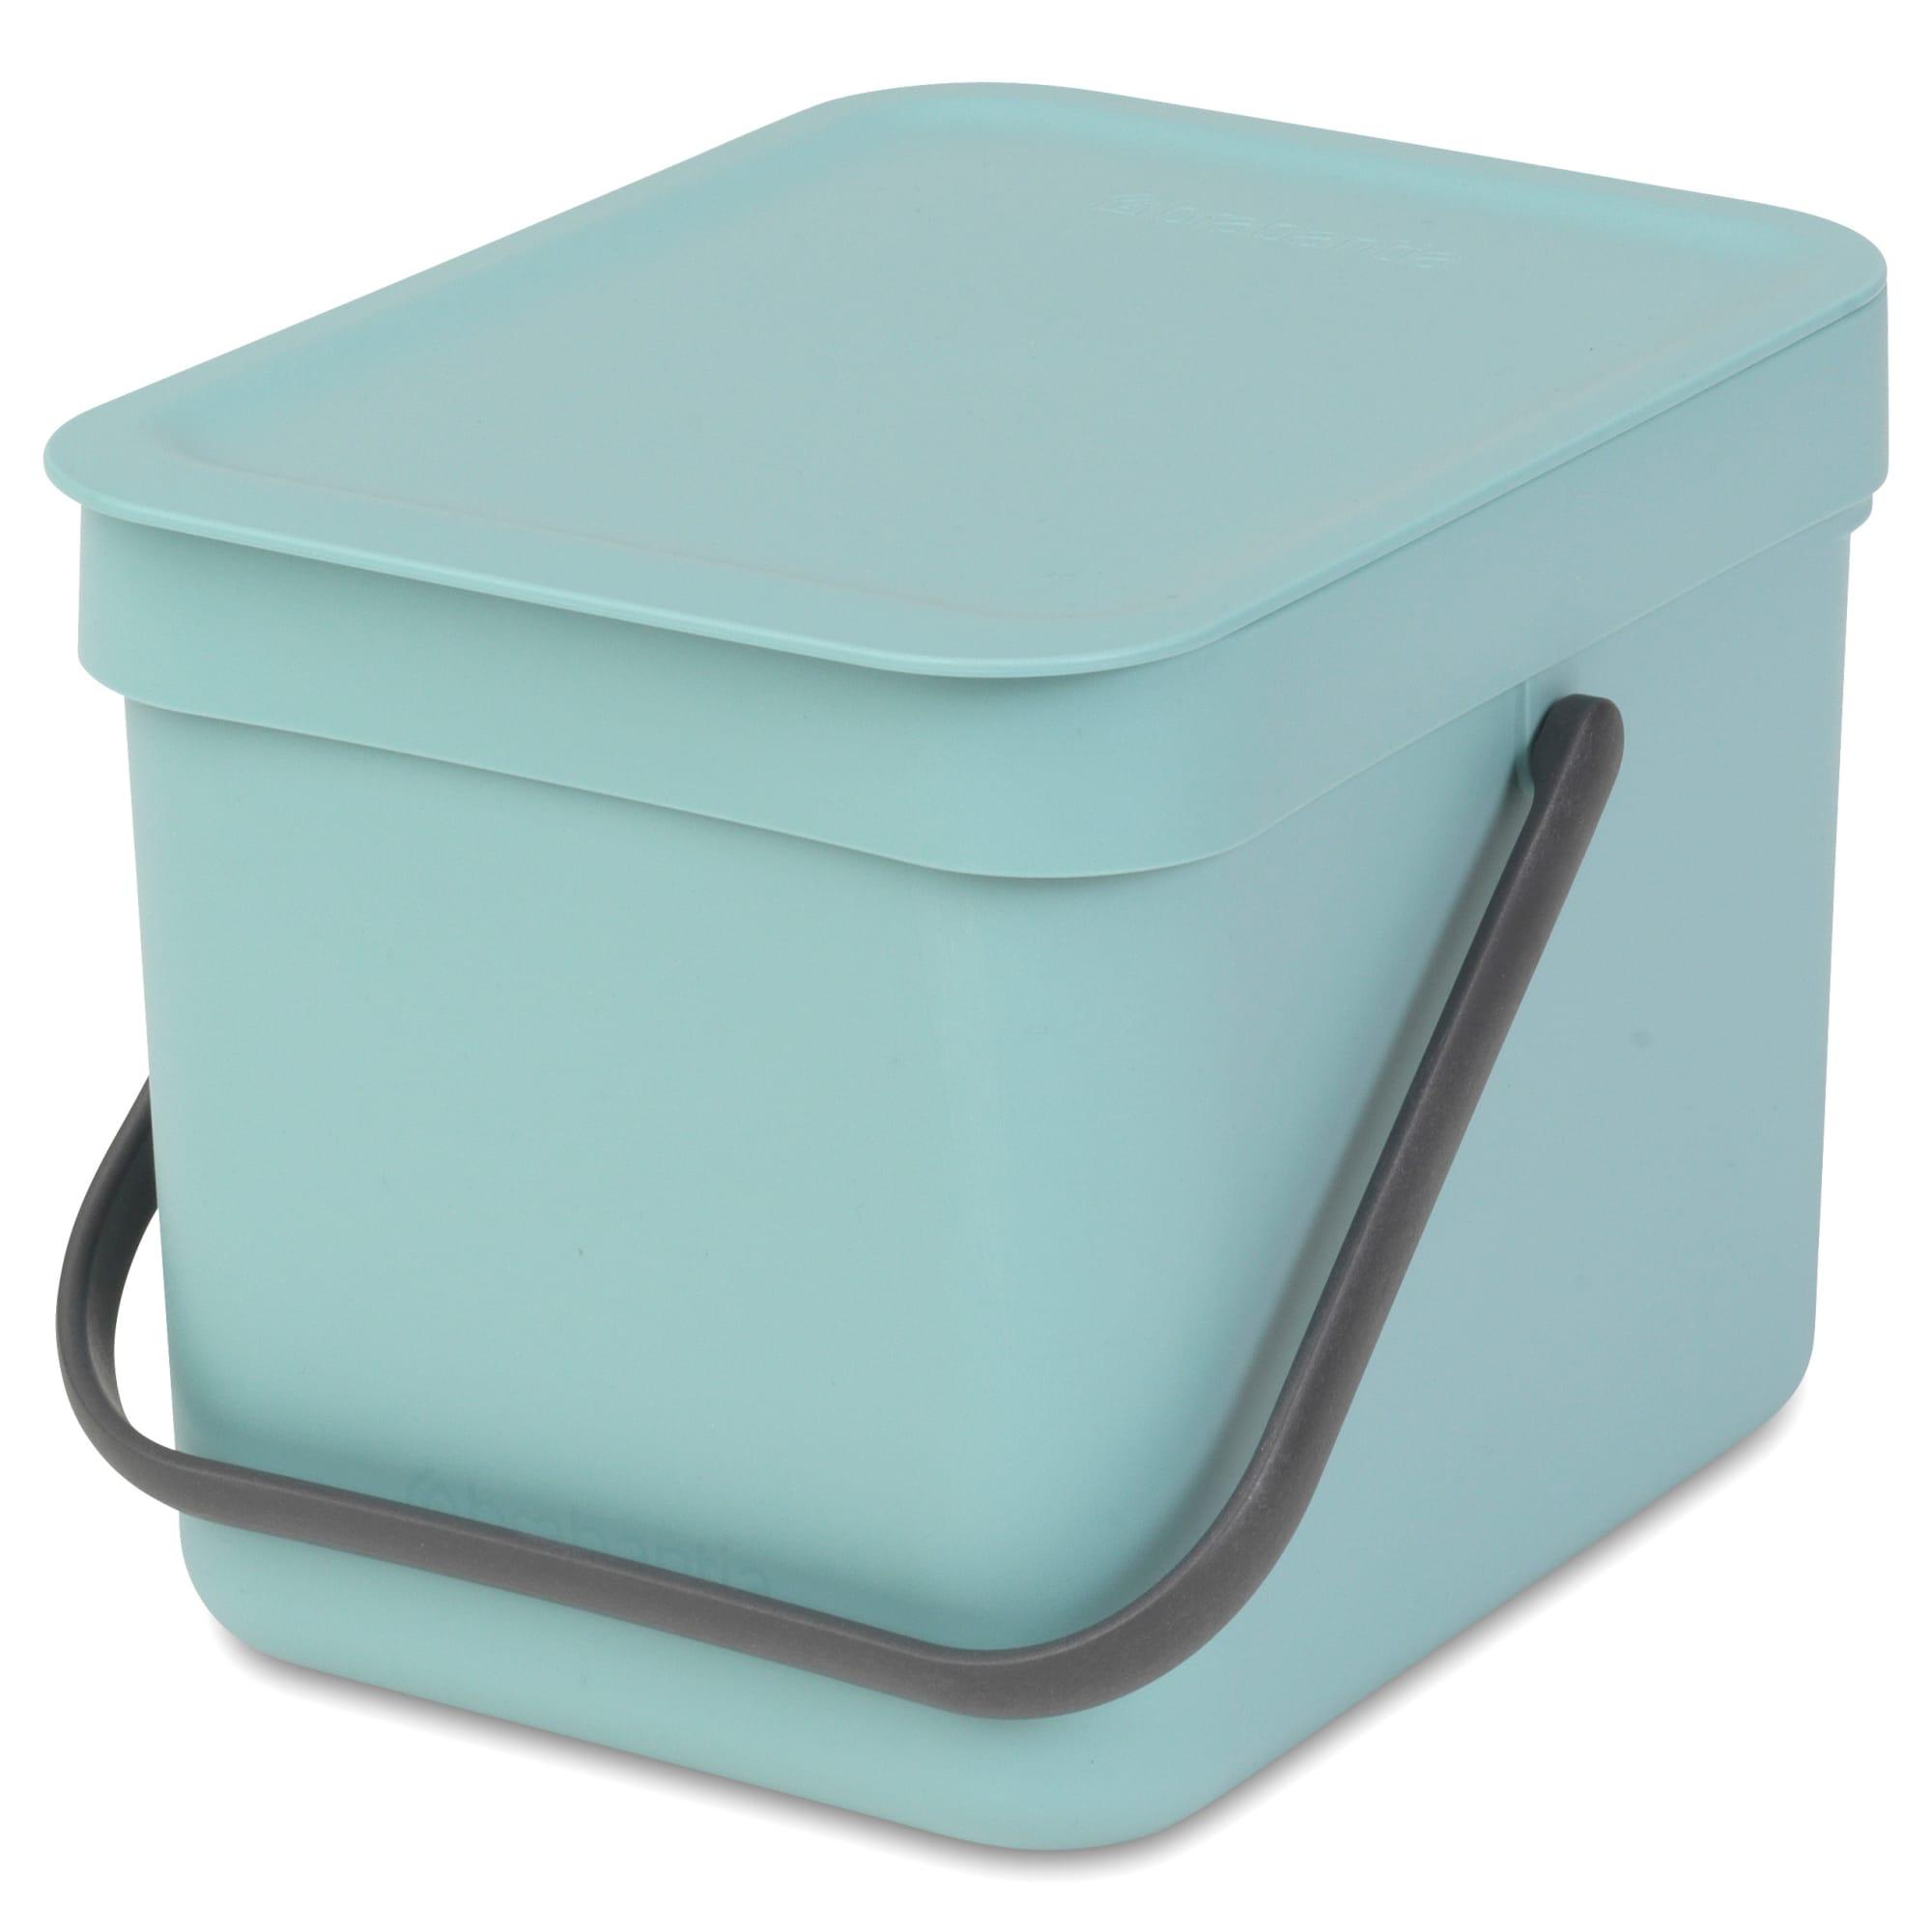 6 liter - Smart affaldssortering til hjemmet